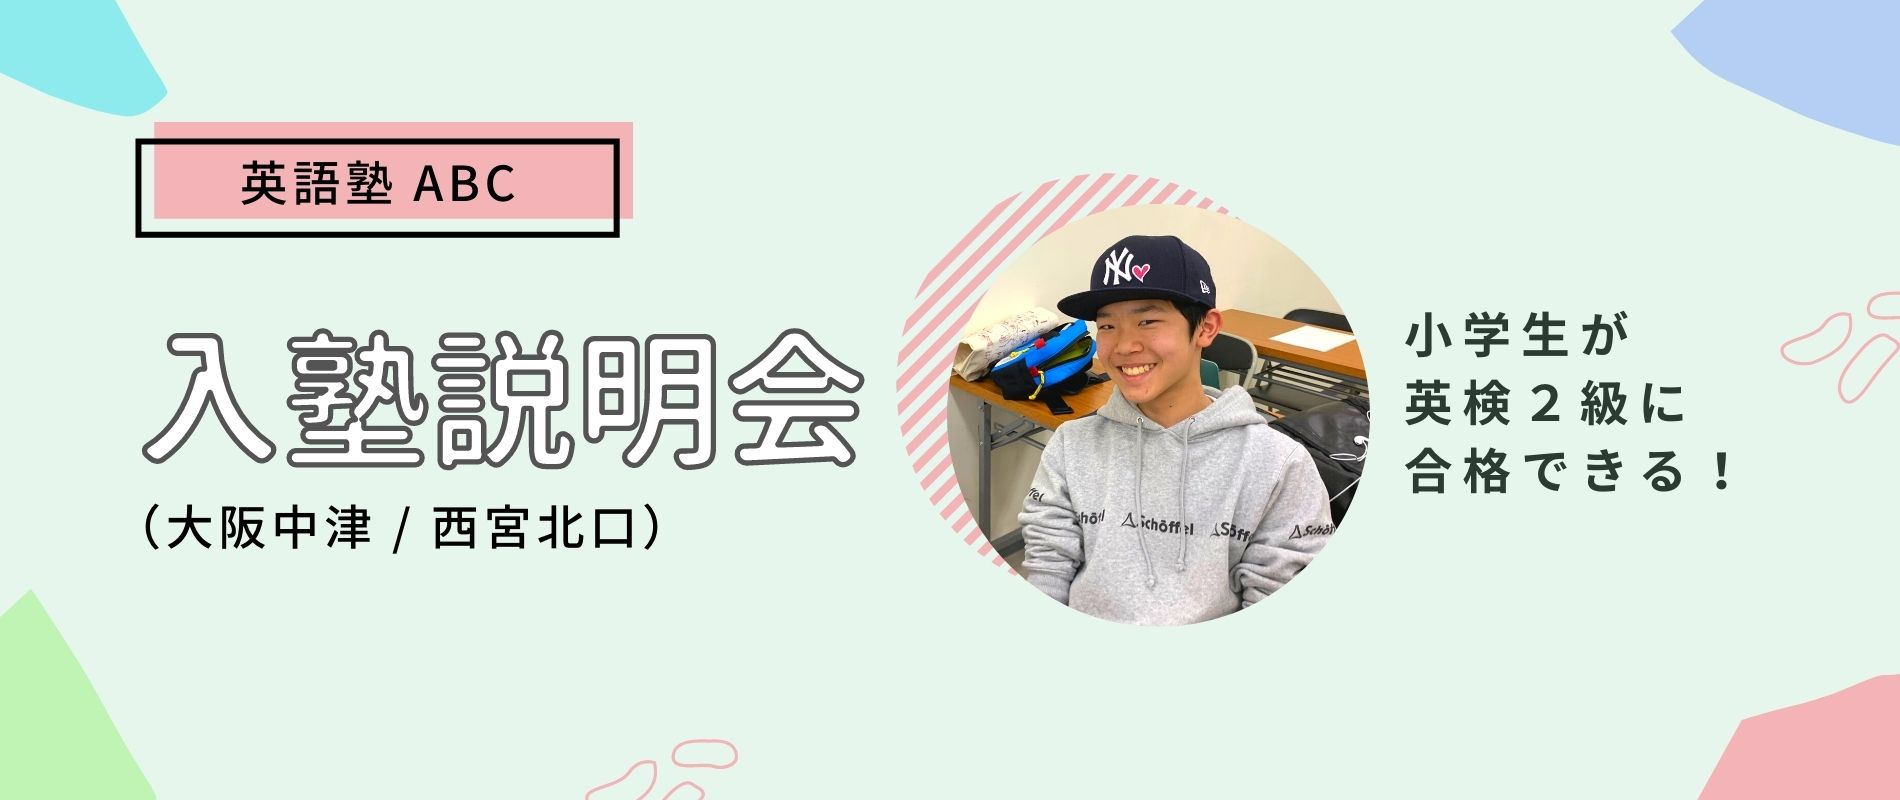 英語塾 ABCの入塾説明会(大阪・中津教室 / 西宮北口教室)